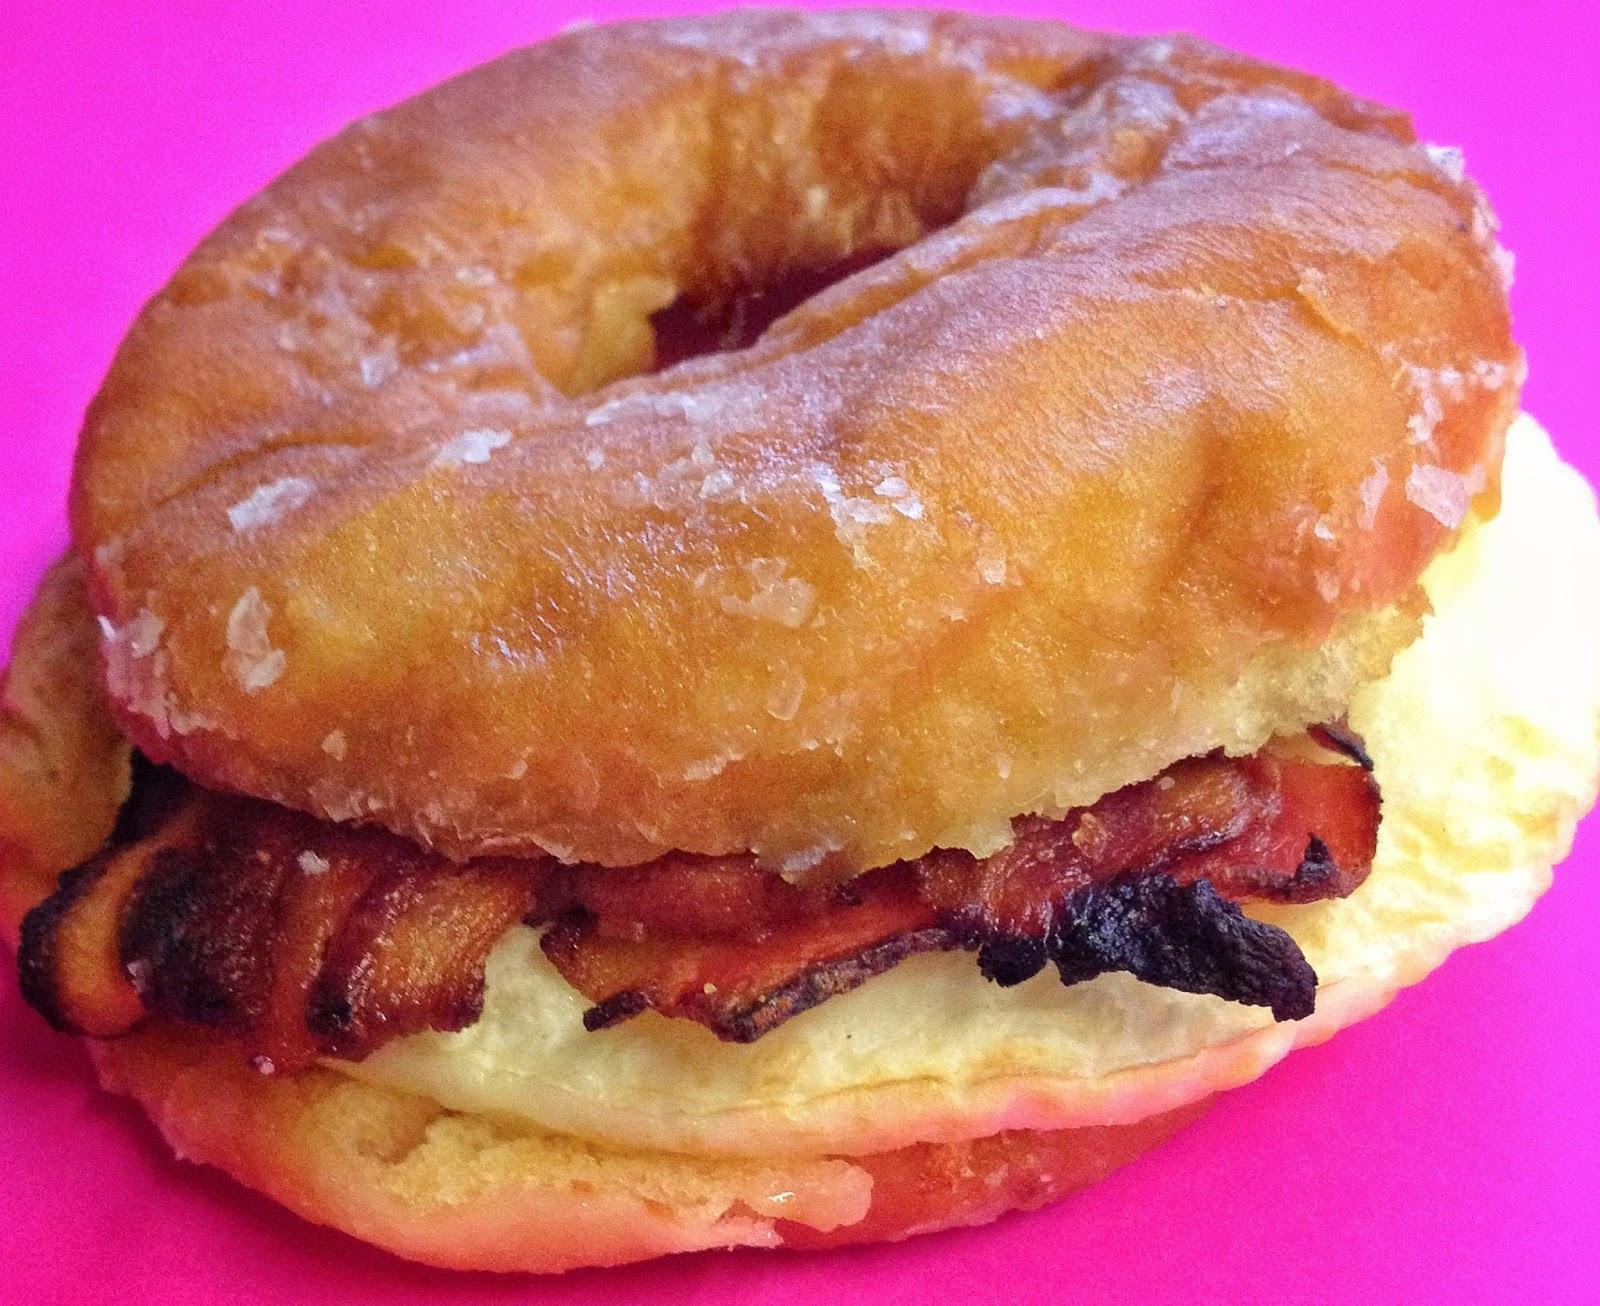 Donut Bacon Sandwich Sandwich Bacon Egg